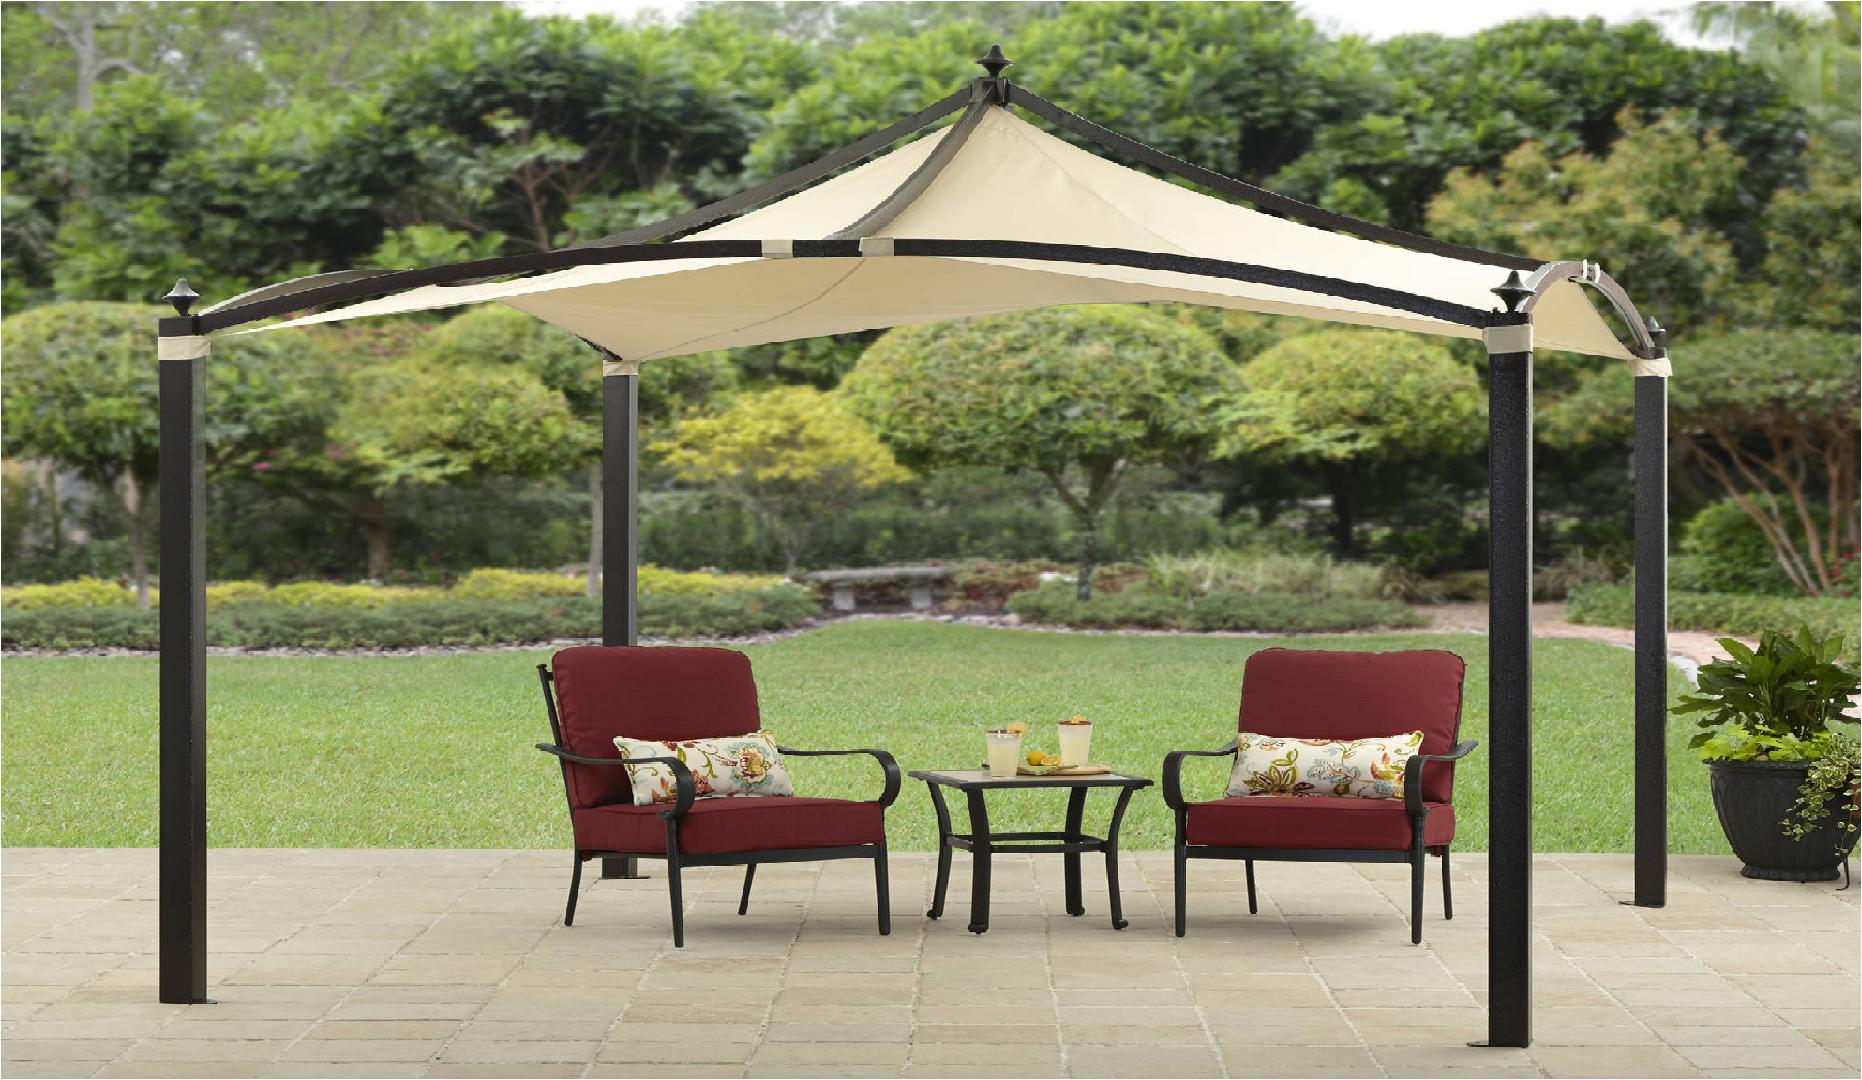 the better home garden convair pavilion gazebo can provide very rh pinterest com